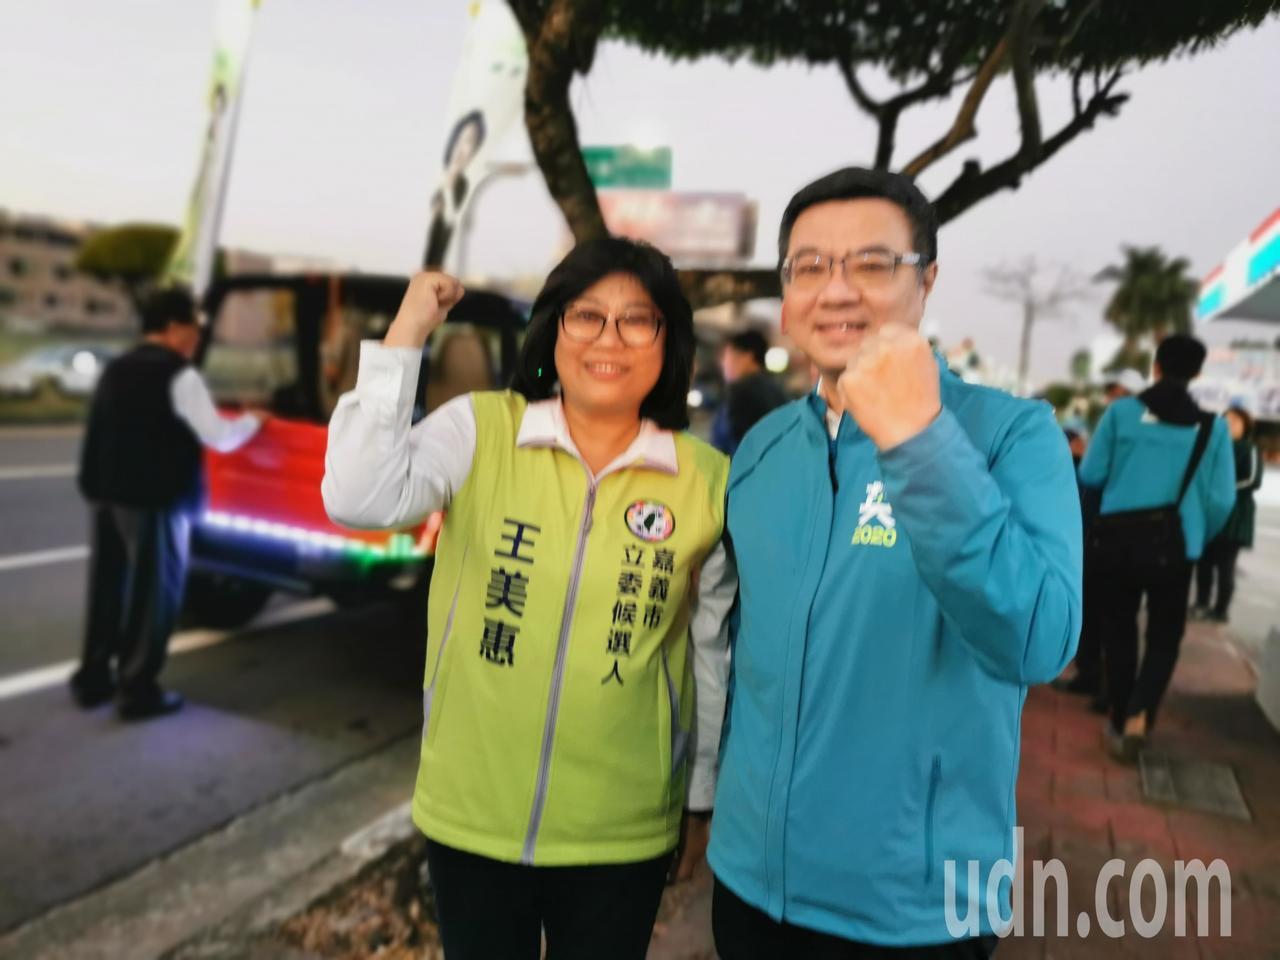 卓榮泰和王美惠今天在嘉義市掃街拜票。記者卜敏正/攝影